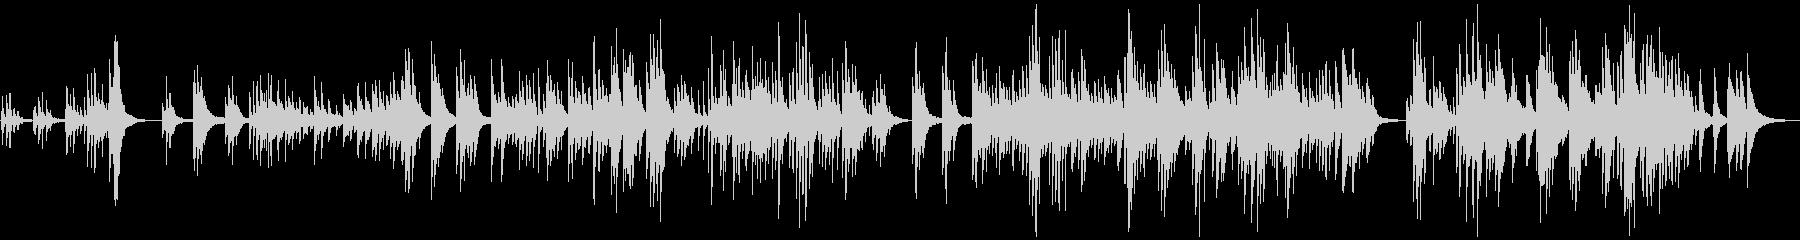 雪降る夜の物語をイメージしたピアノBGMの未再生の波形